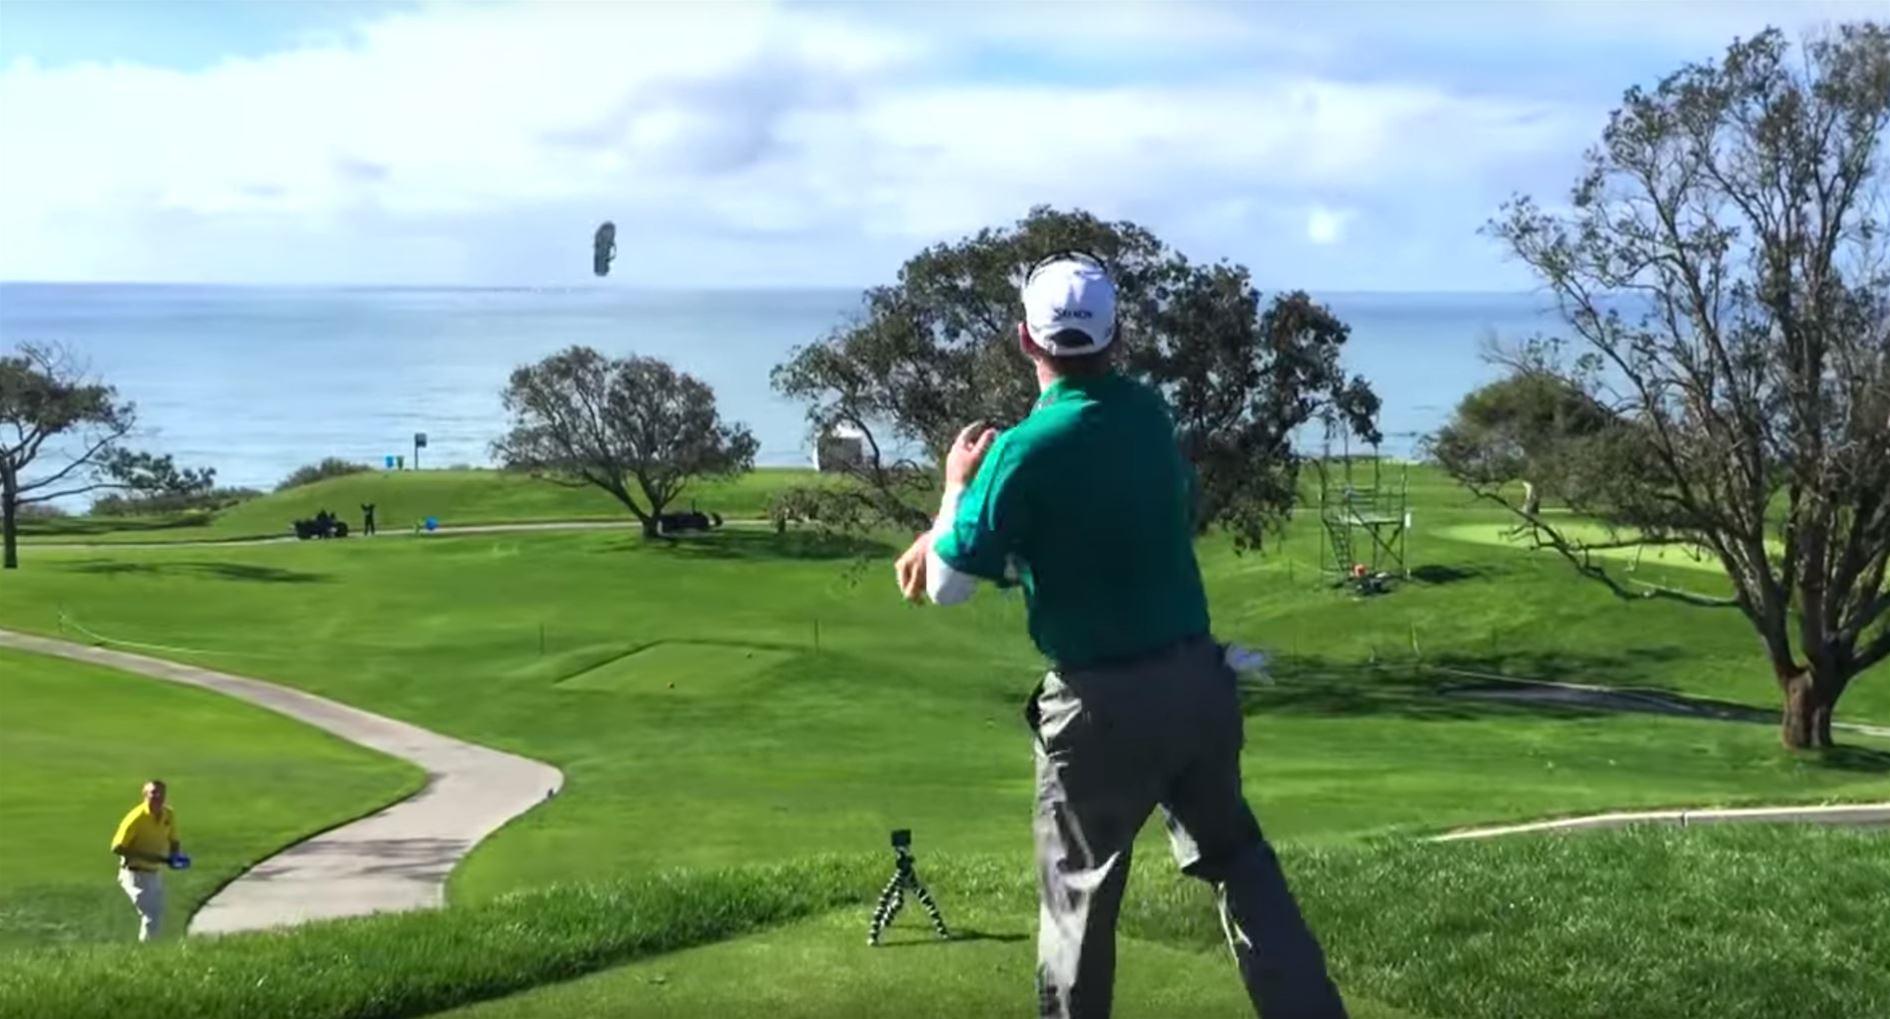 PGA TOUR: Throwing thongs for Australia Day